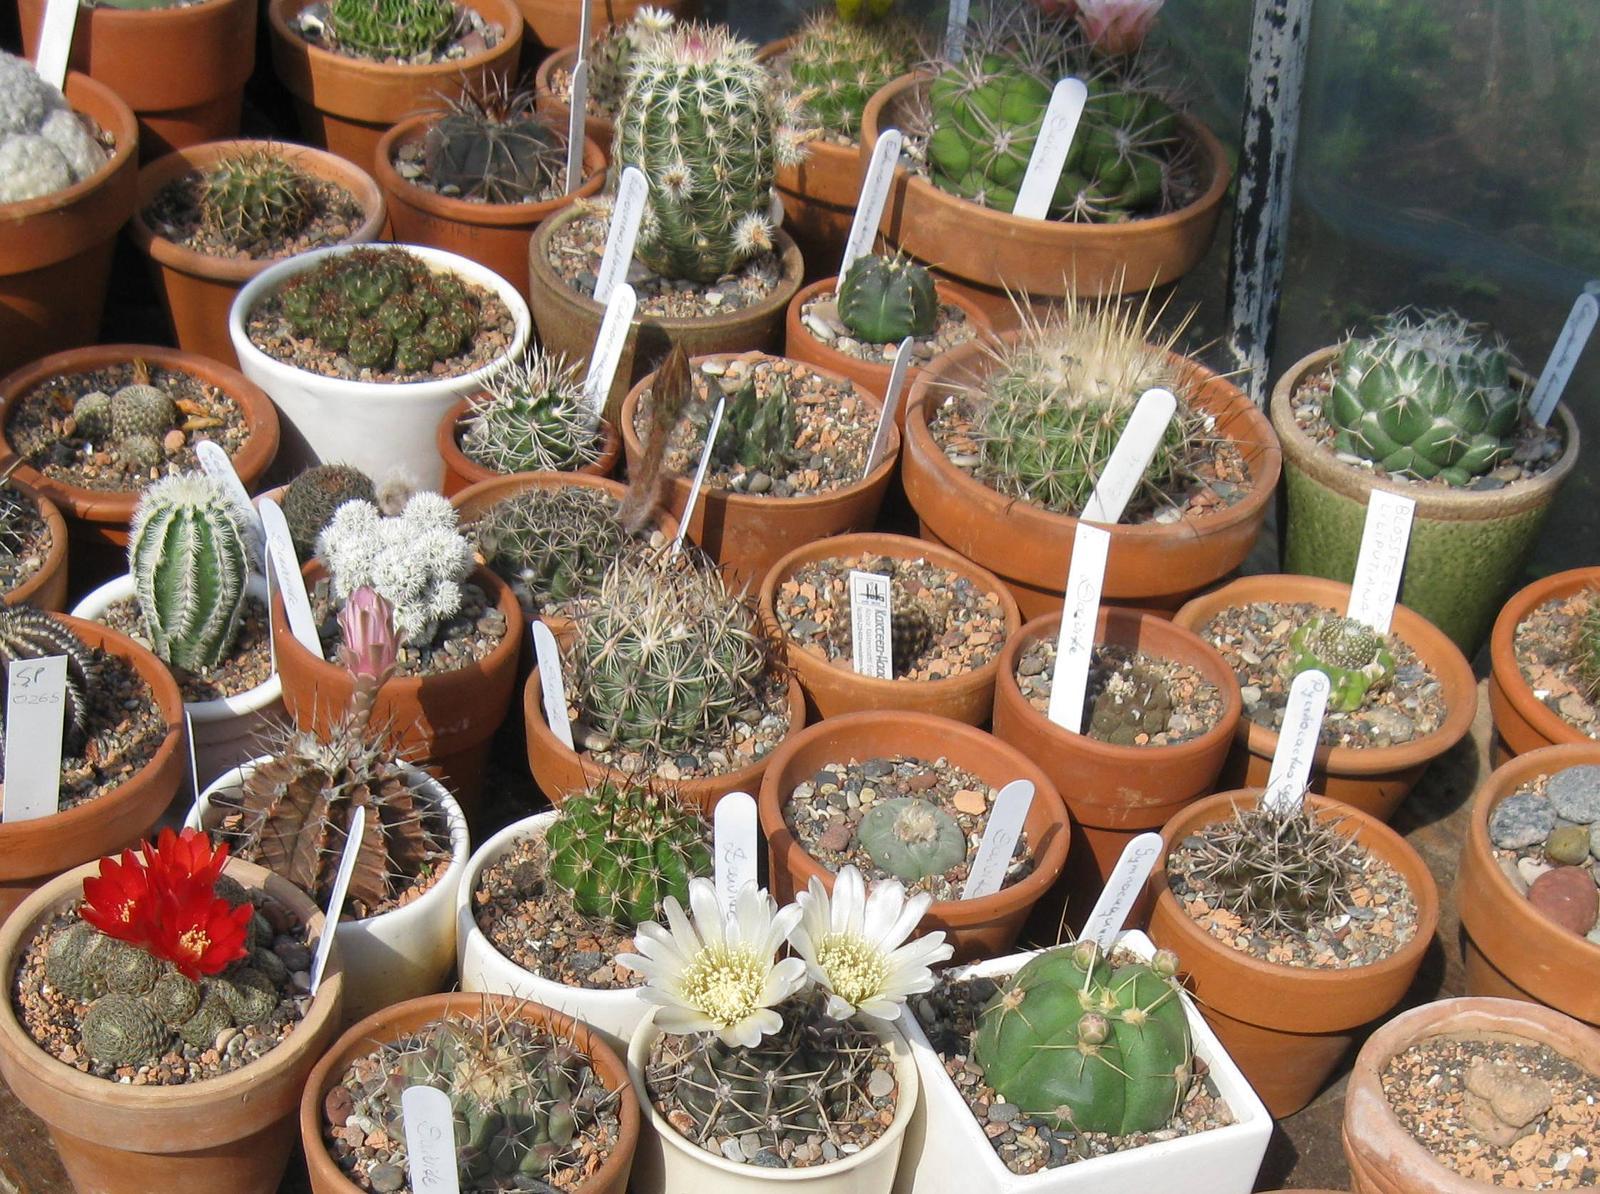 Kaip prižiūrėti kaktusus, kad jie papuoštų namus